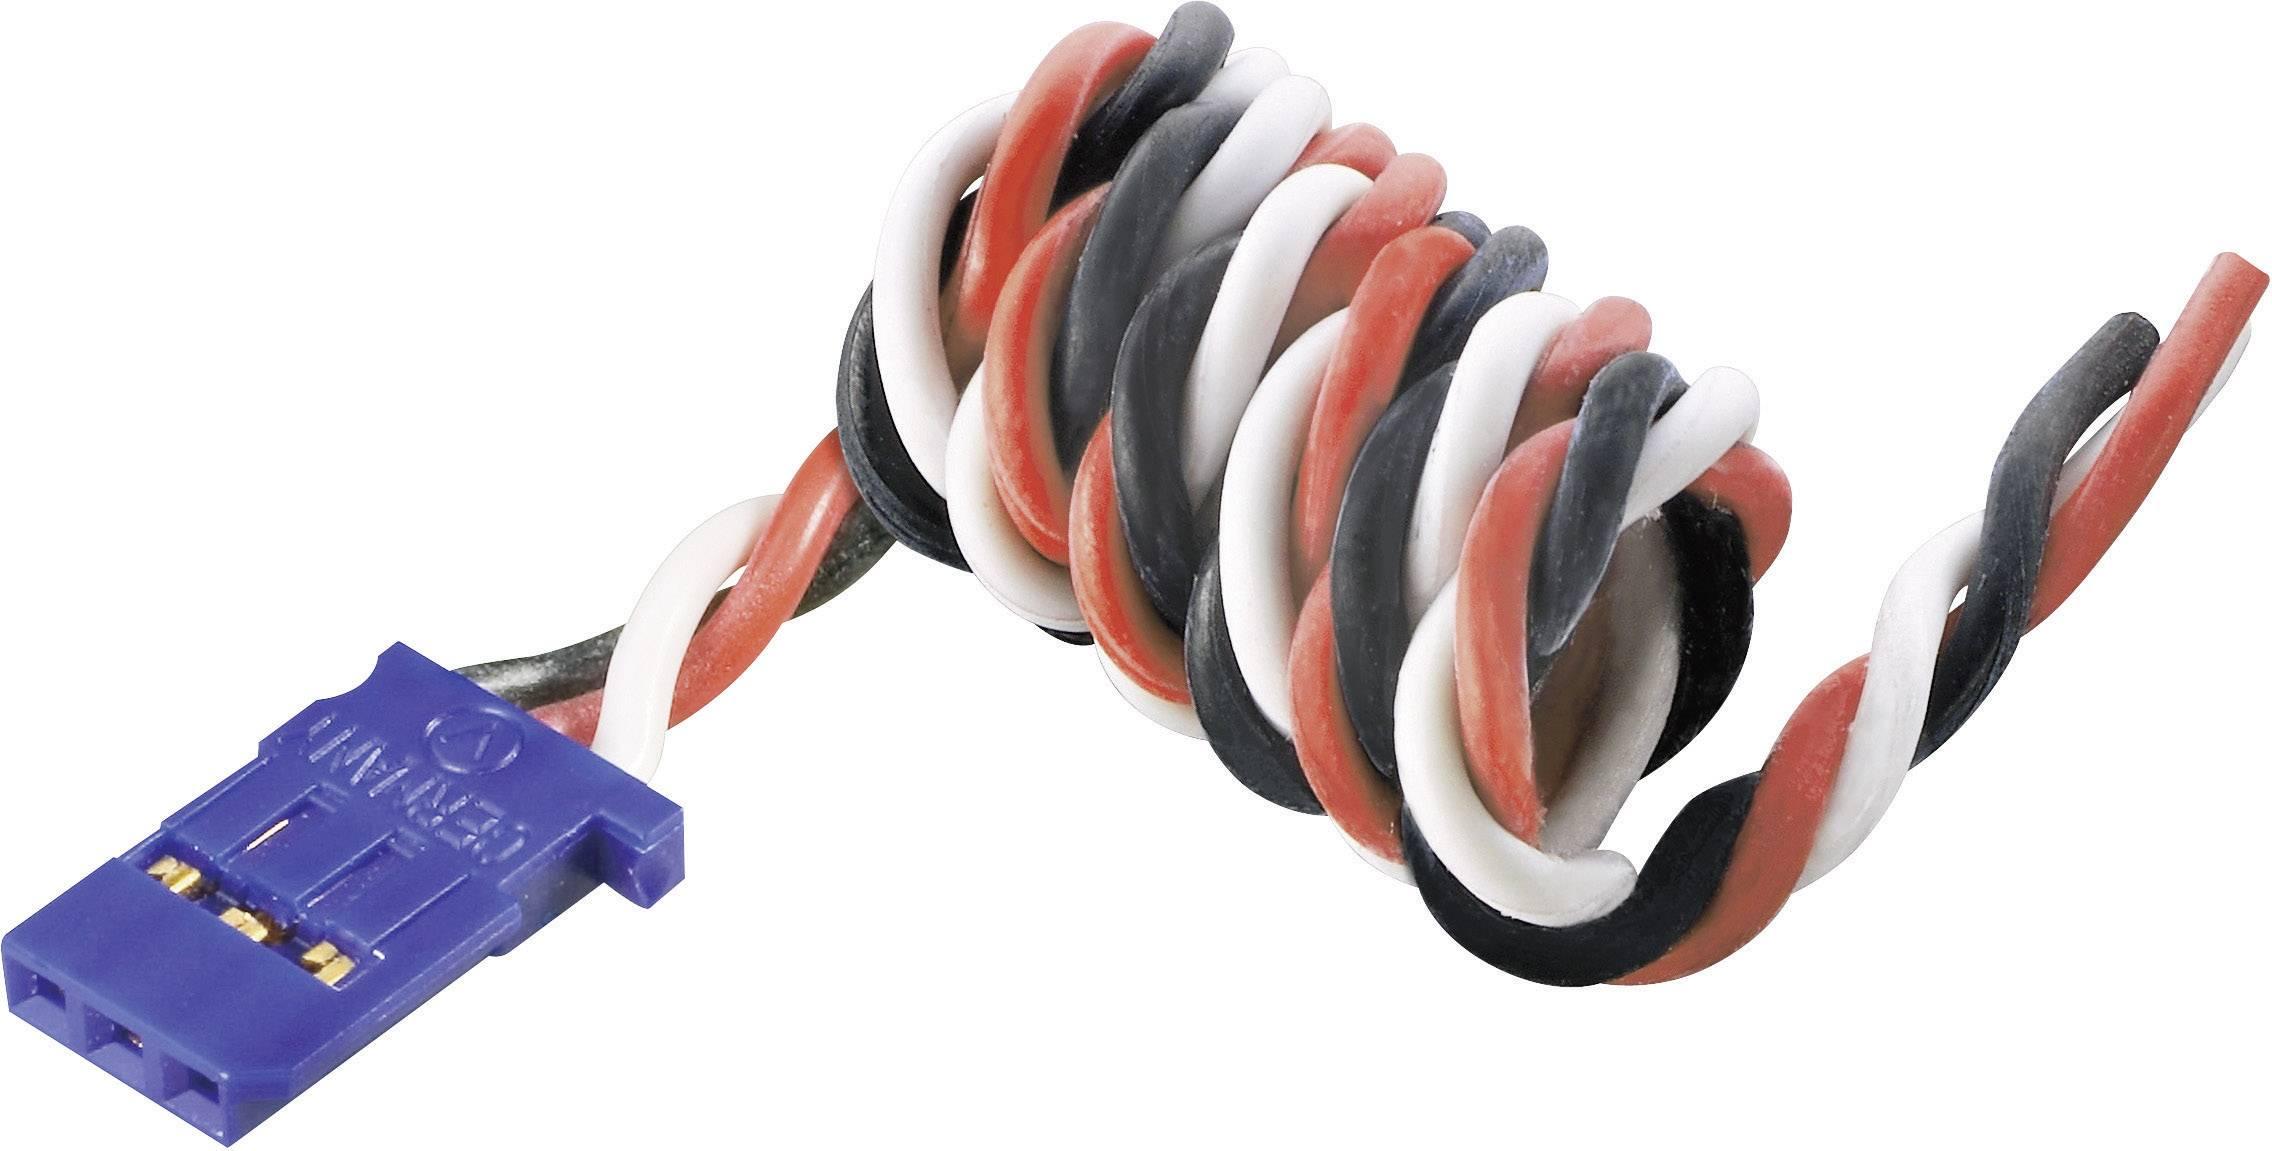 Kabel s konektorem Futaba, Modelcraft, 0,35 mm², 300 mm